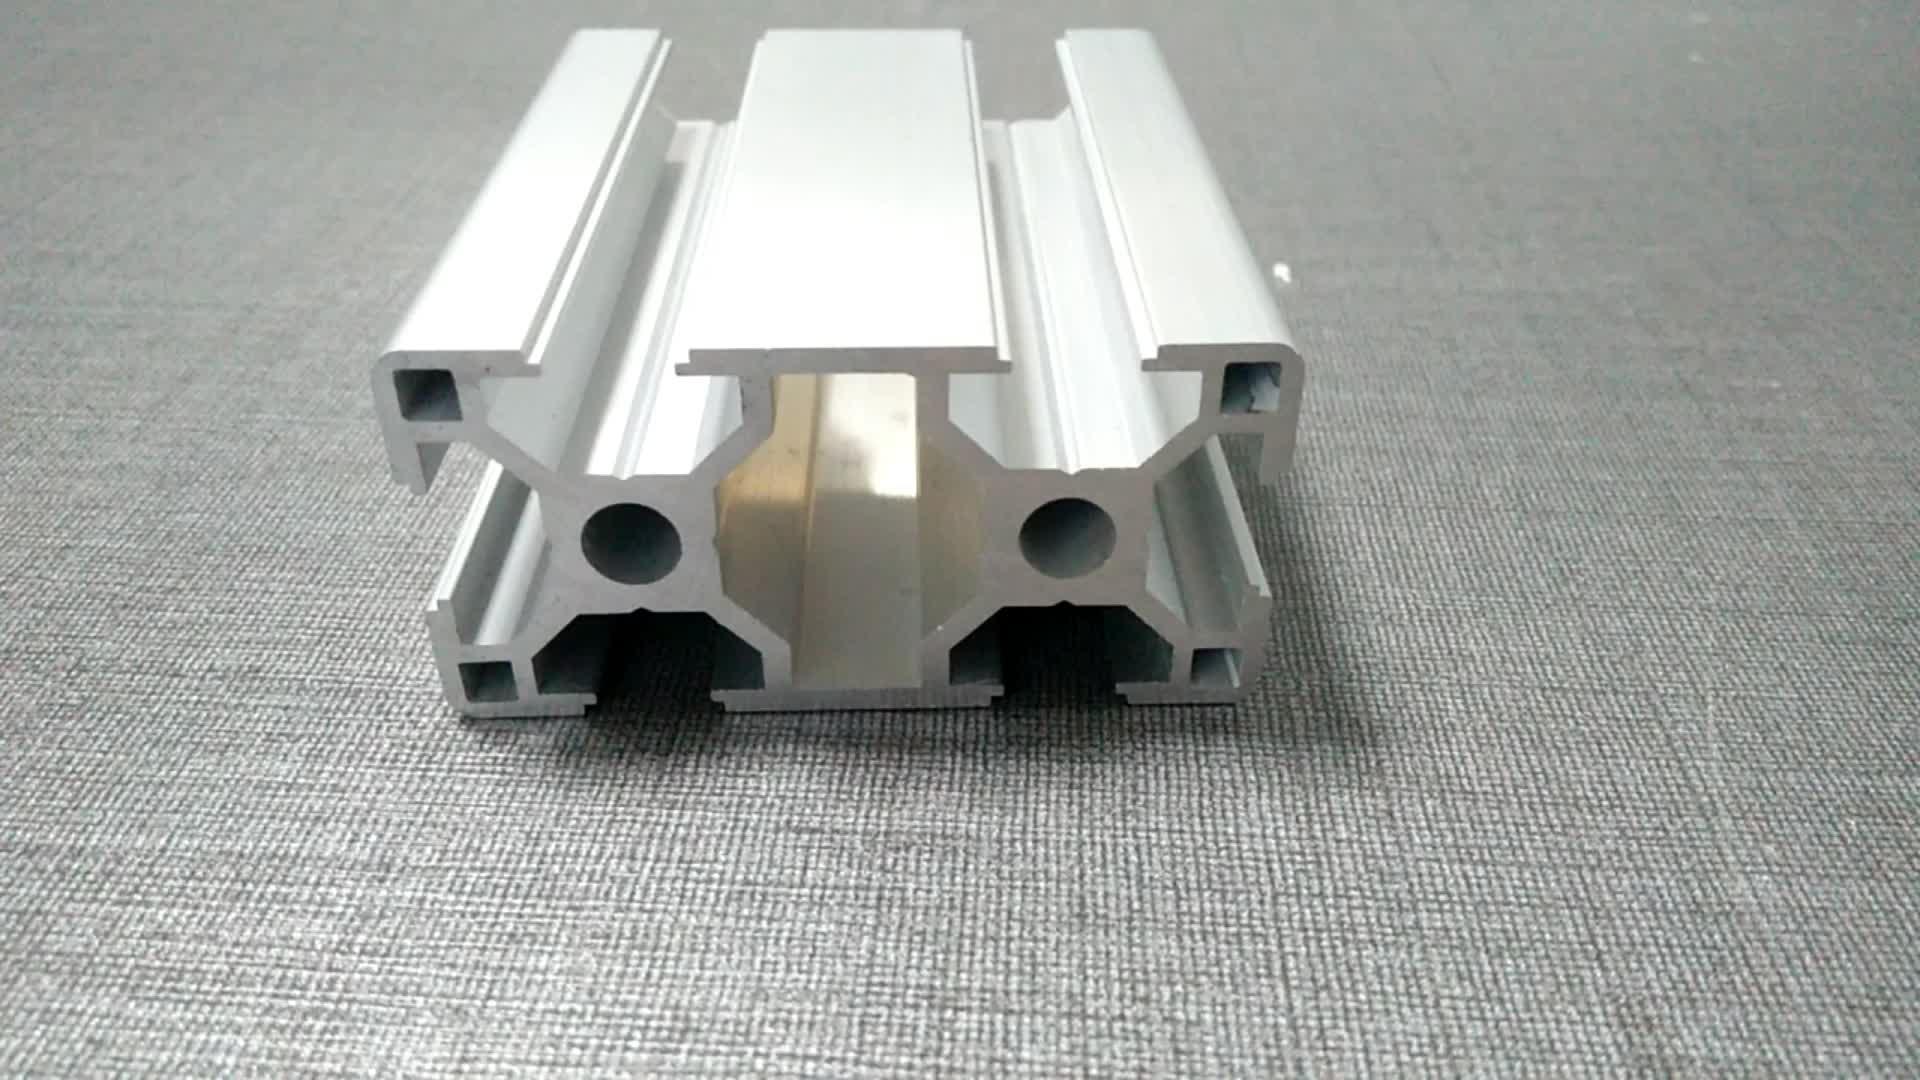 अच्छी गुणवत्ता एल्यूमीनियम बाहर निकालना प्रोफाइल के लिए TPM-8-3060 औद्योगिक विधानसभा विधानसभा संरचना